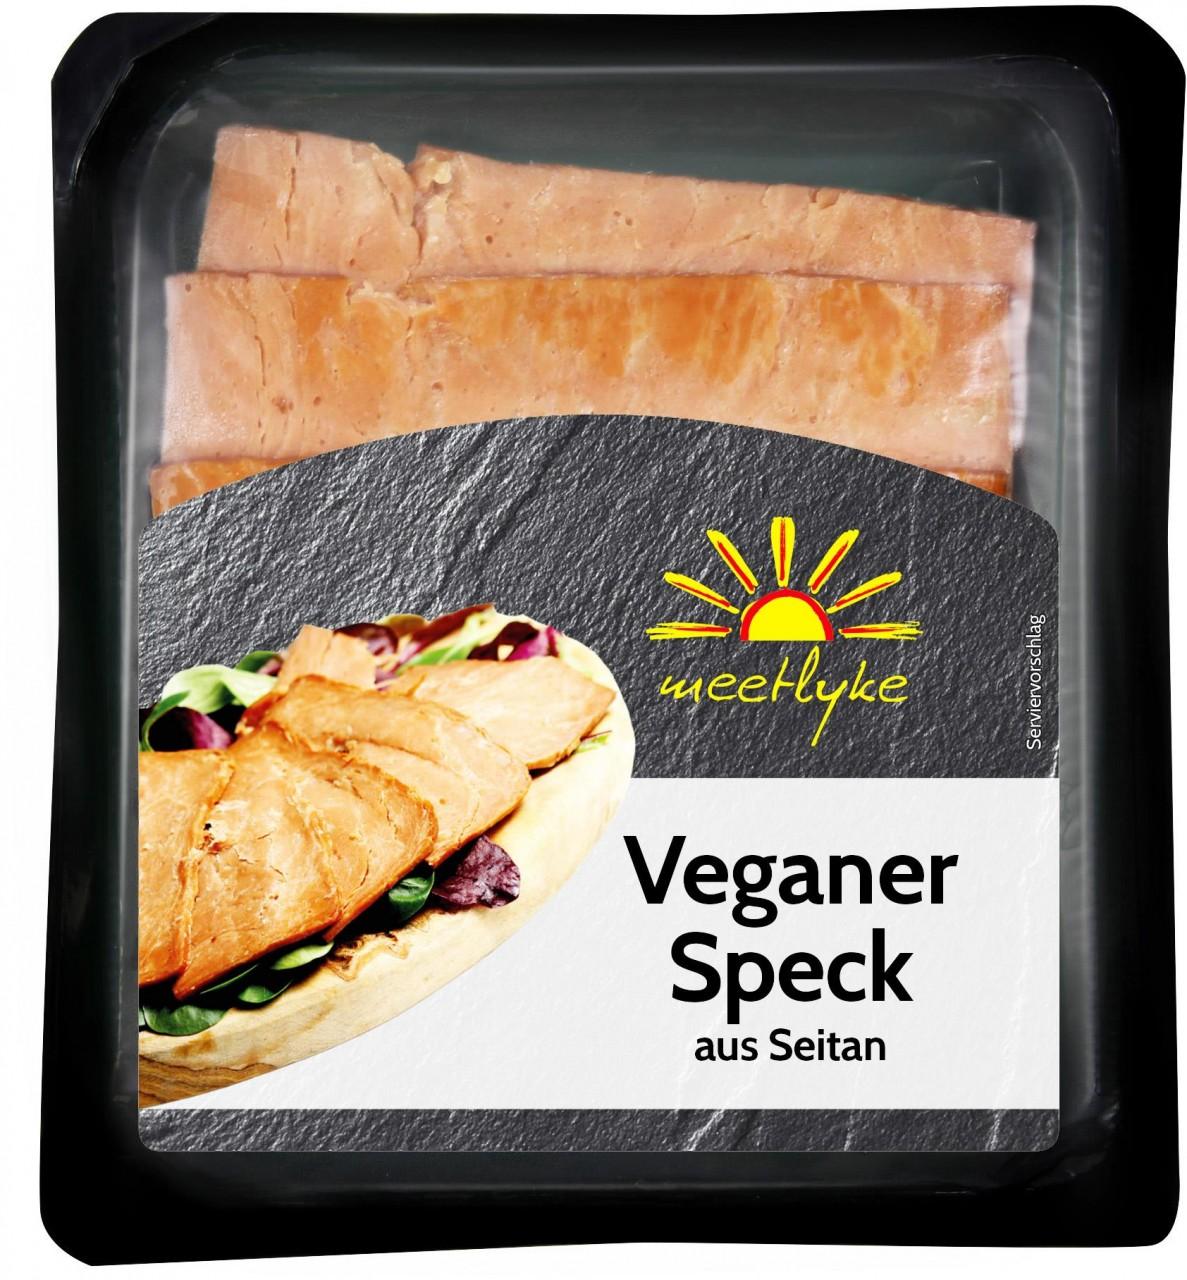 Meetlyke Veganer Speck